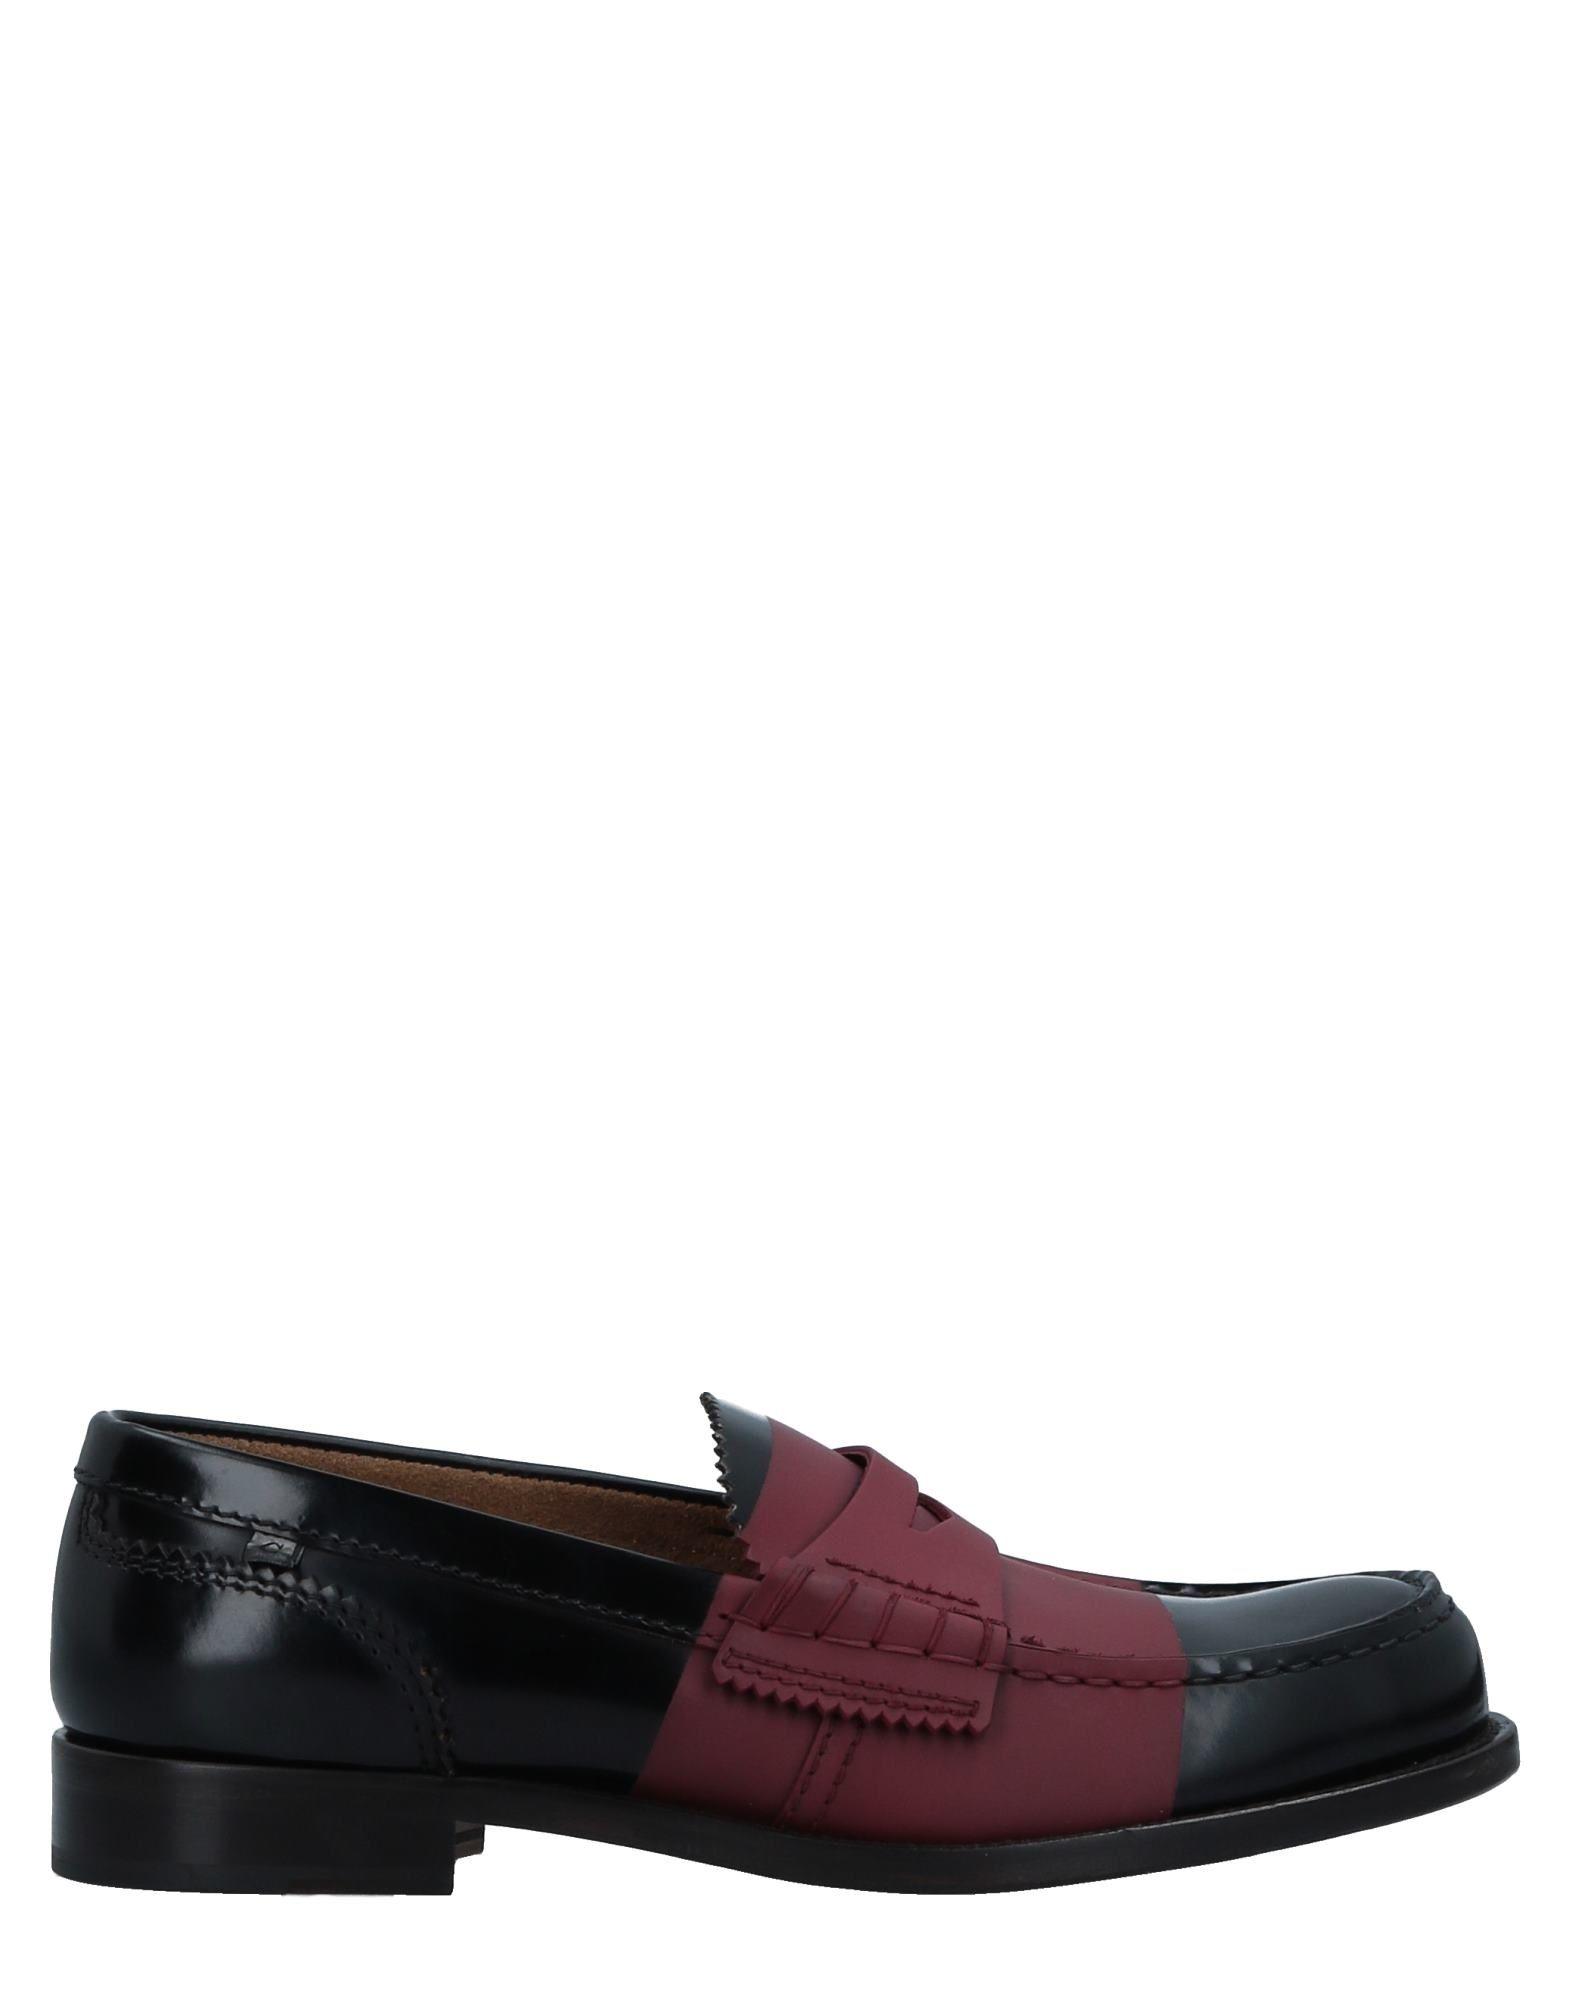 Mr. & Mrs. College Mokassins Damen  11514562UP Heiße Schuhe